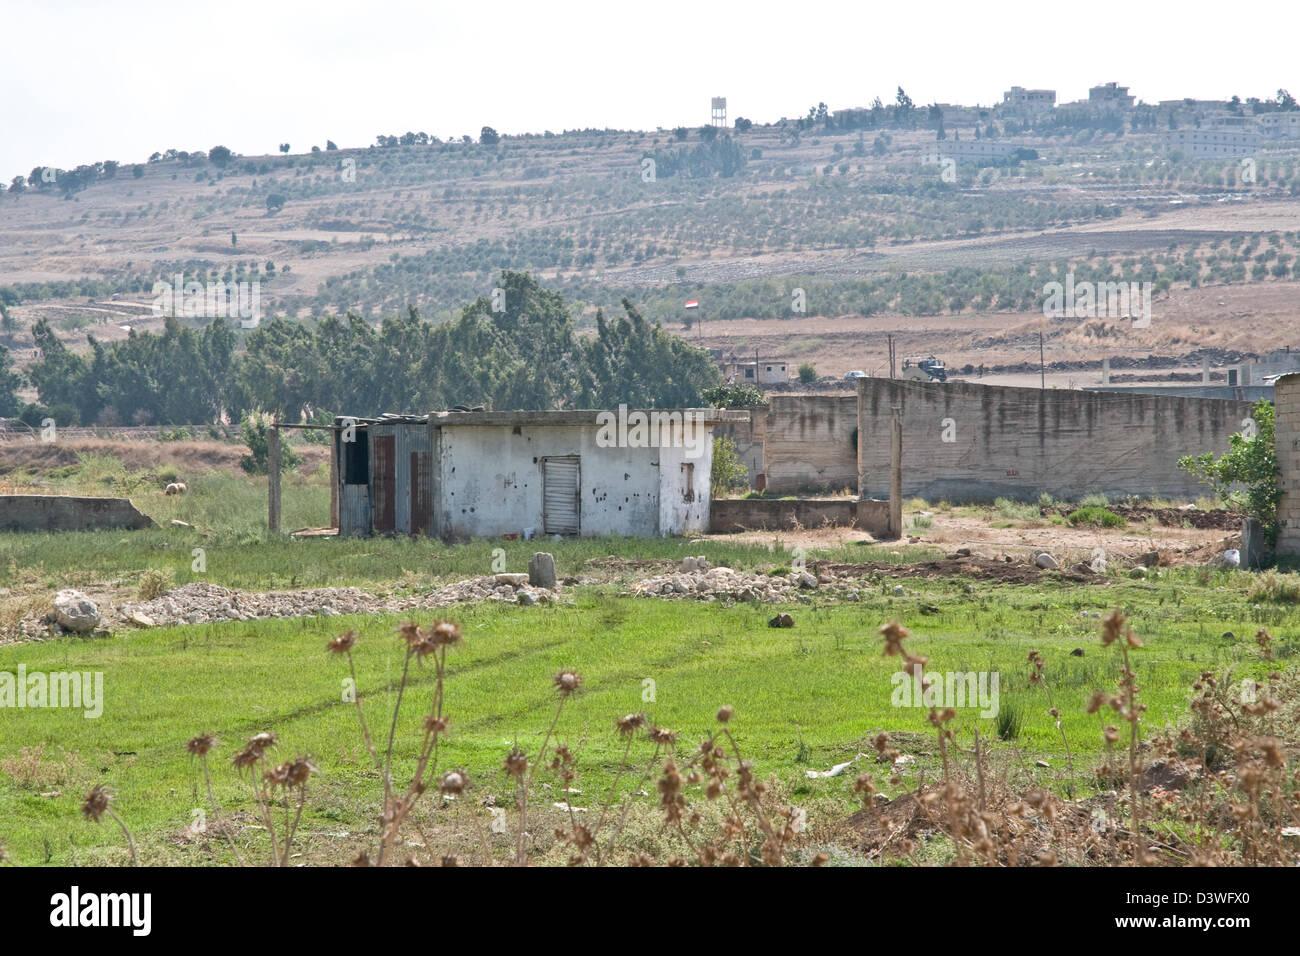 Rifugi di cemento nel nord della regione libanese di Wadi Khaled, situato a pochi metri di distanza dal confine Immagini Stock